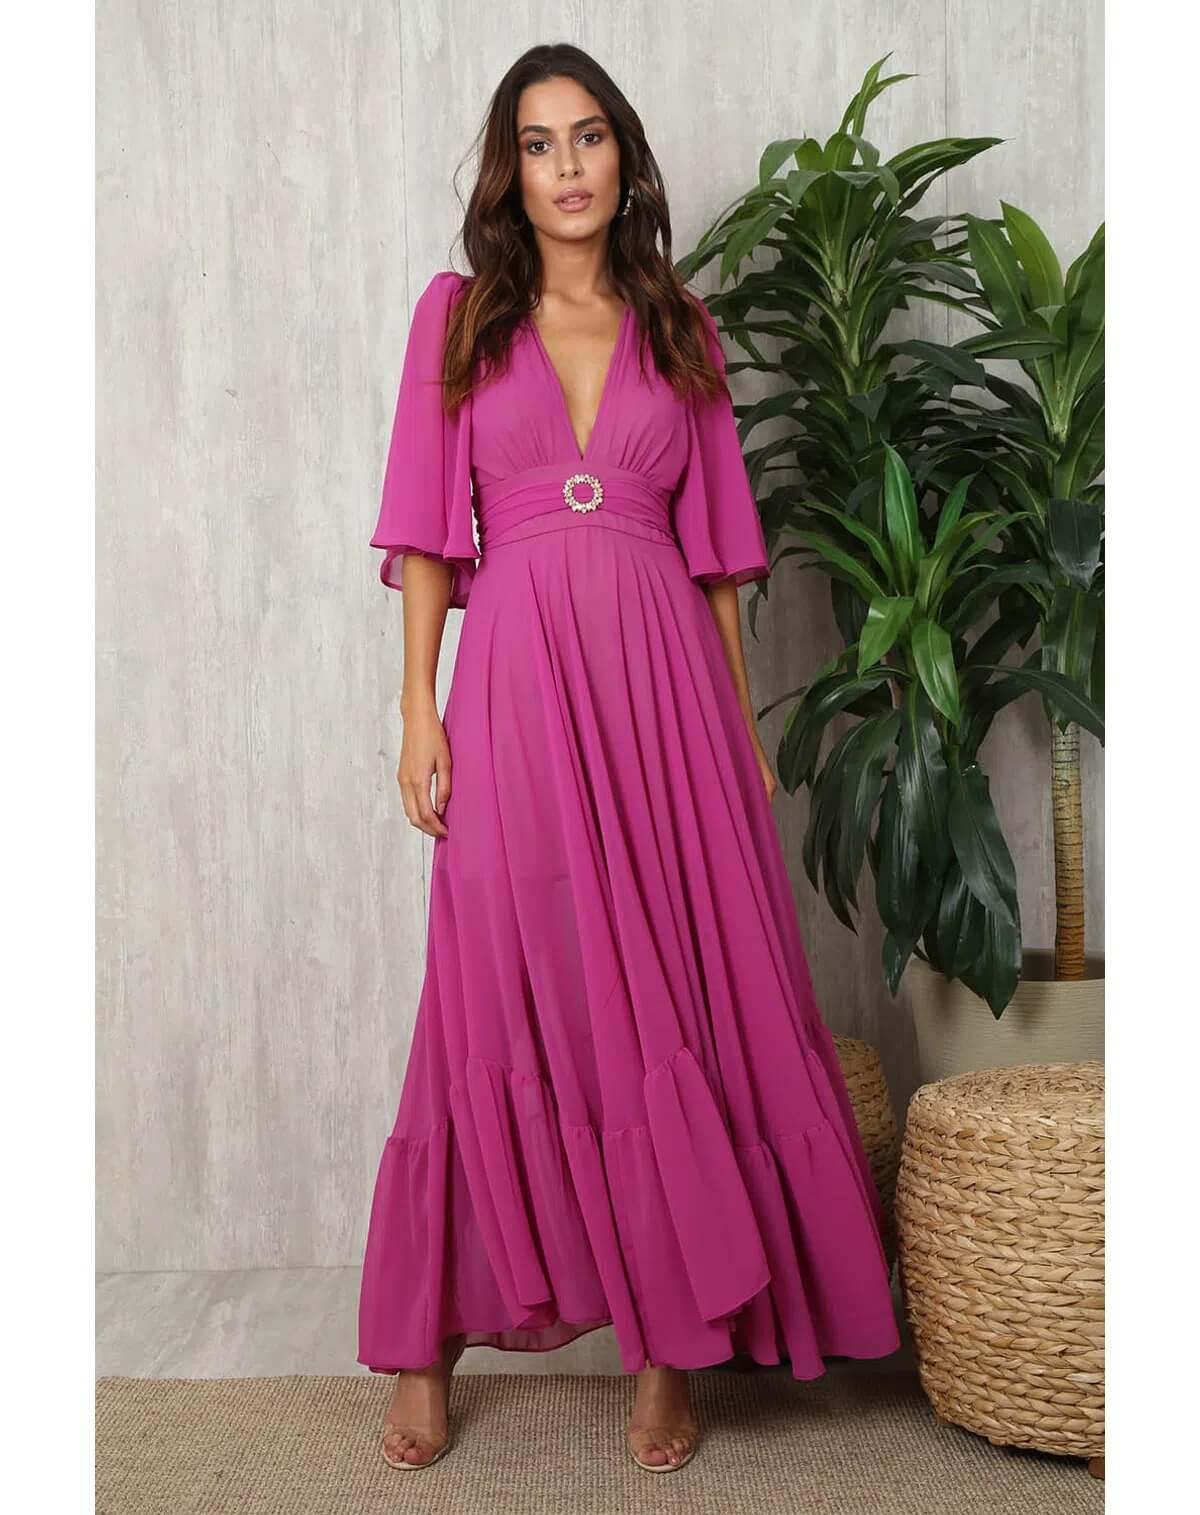 Vestido Valentino Shine longo com cinto